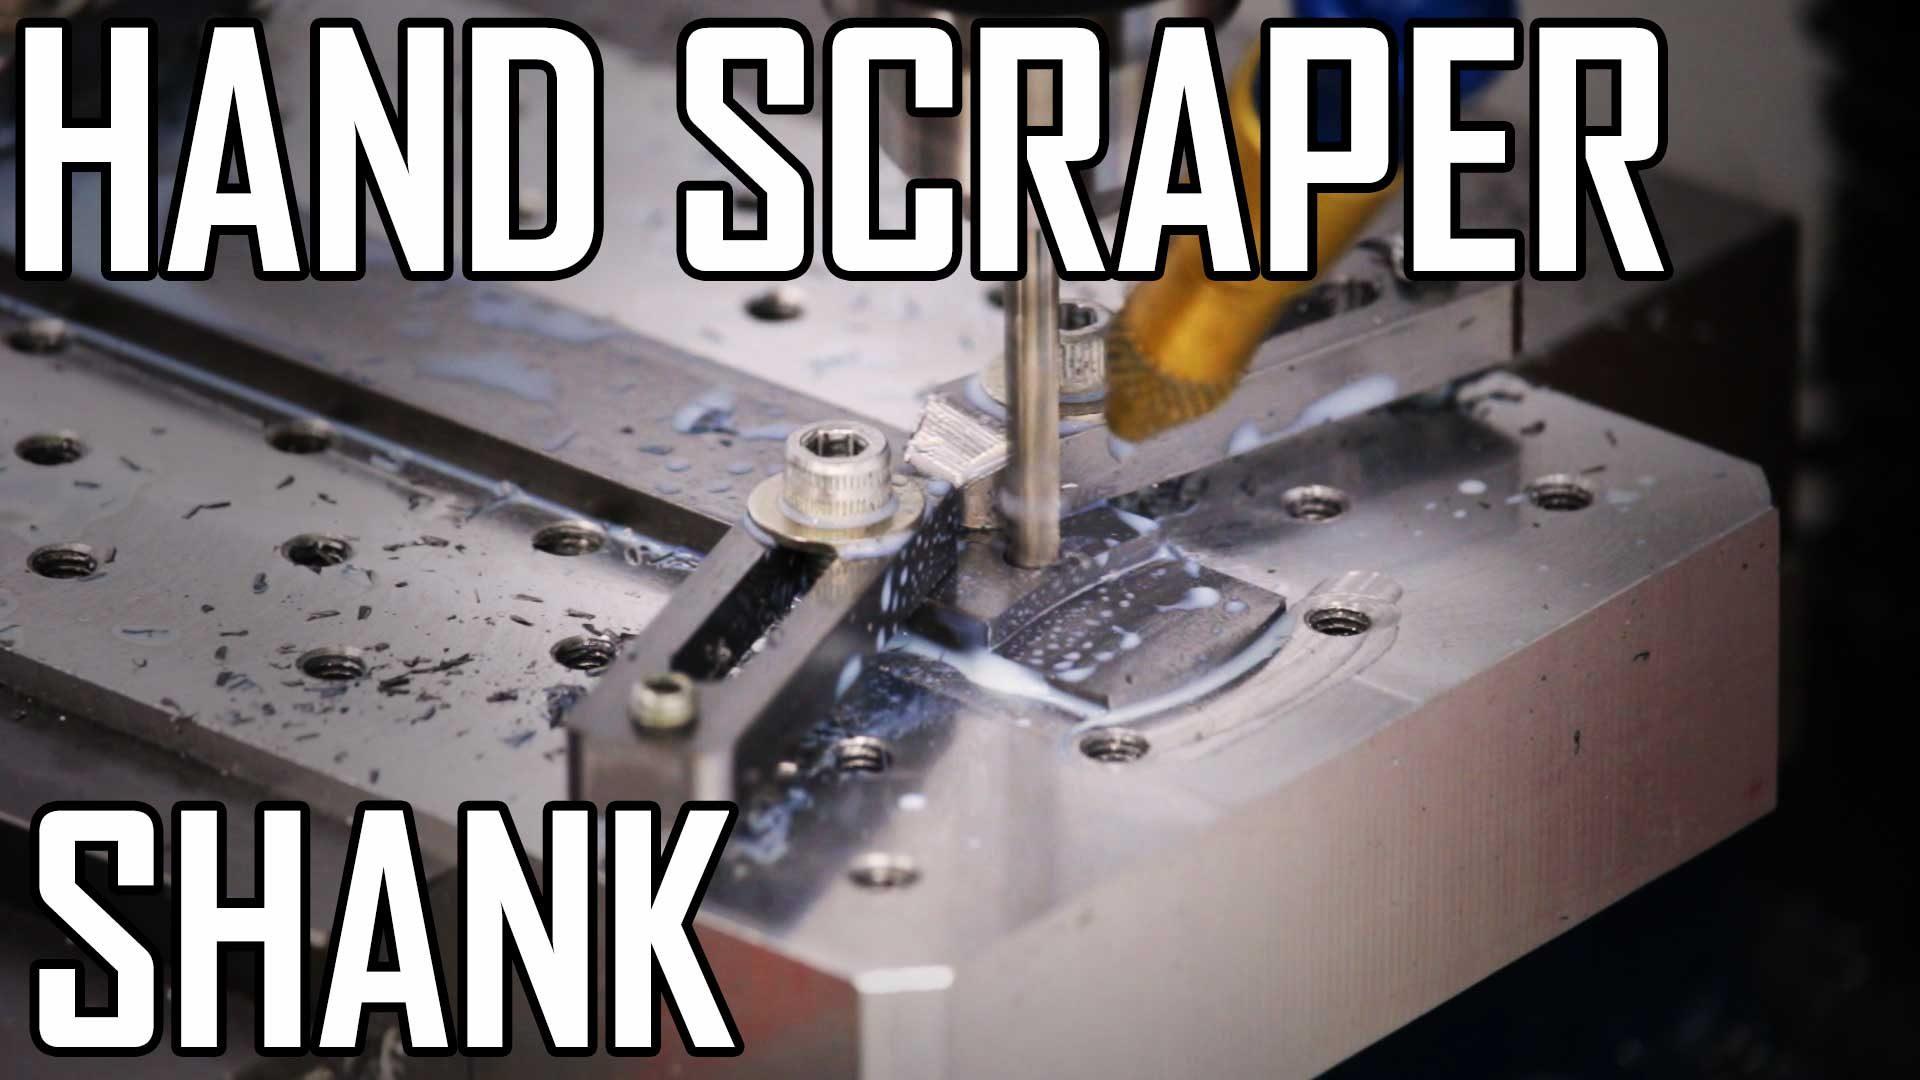 Hand Scraper 3: Machining the Shank